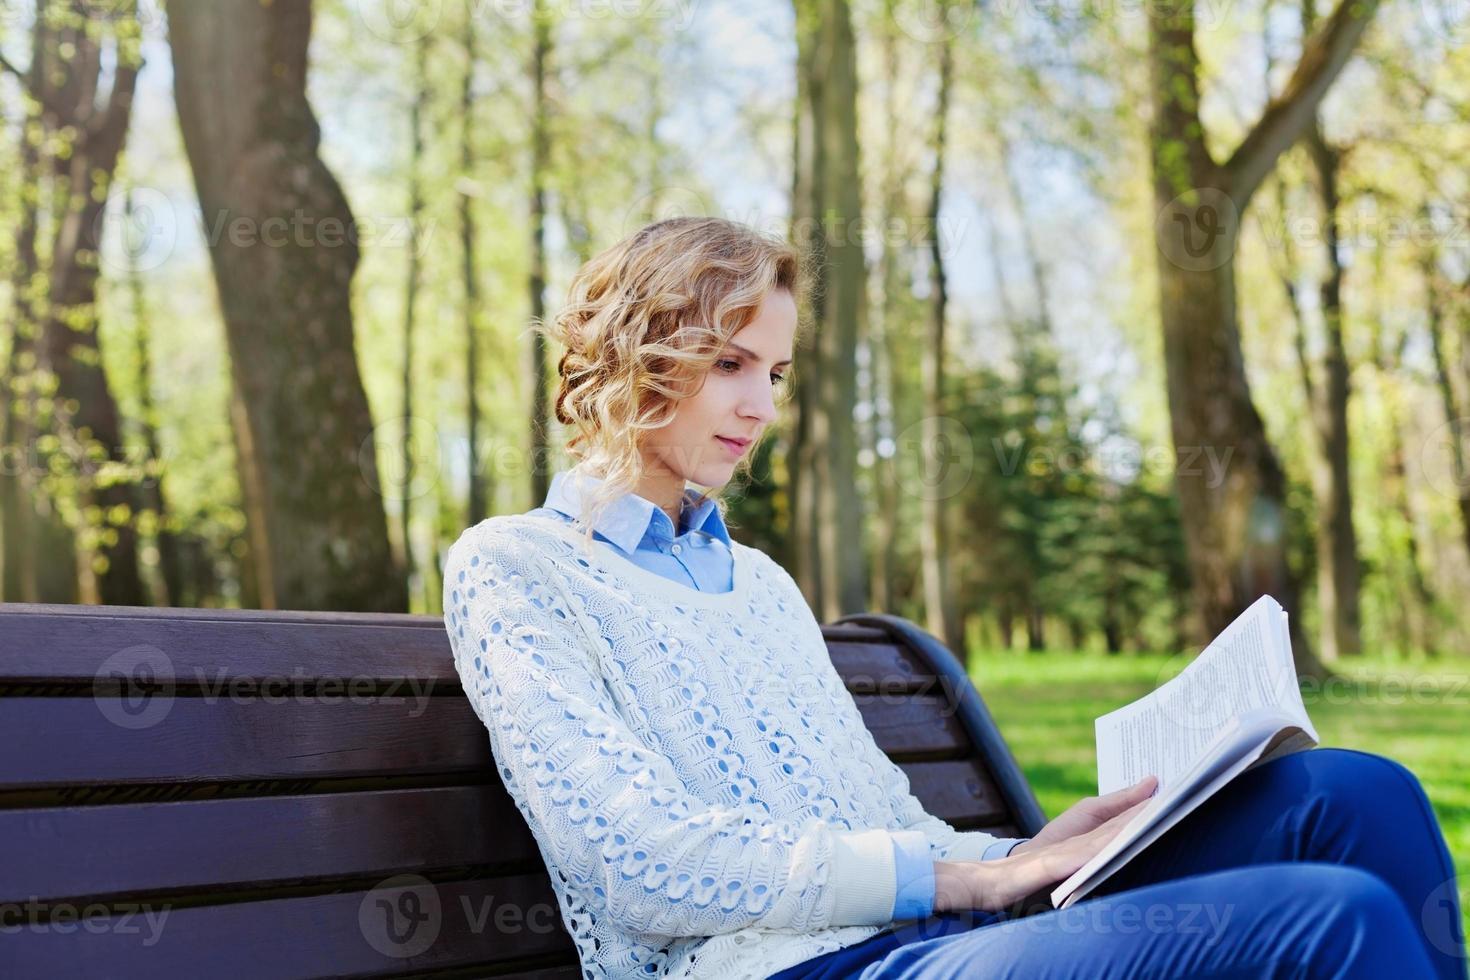 Studentin, die Buch im Park-, Wissenschafts- und Bildungskonzept liest foto